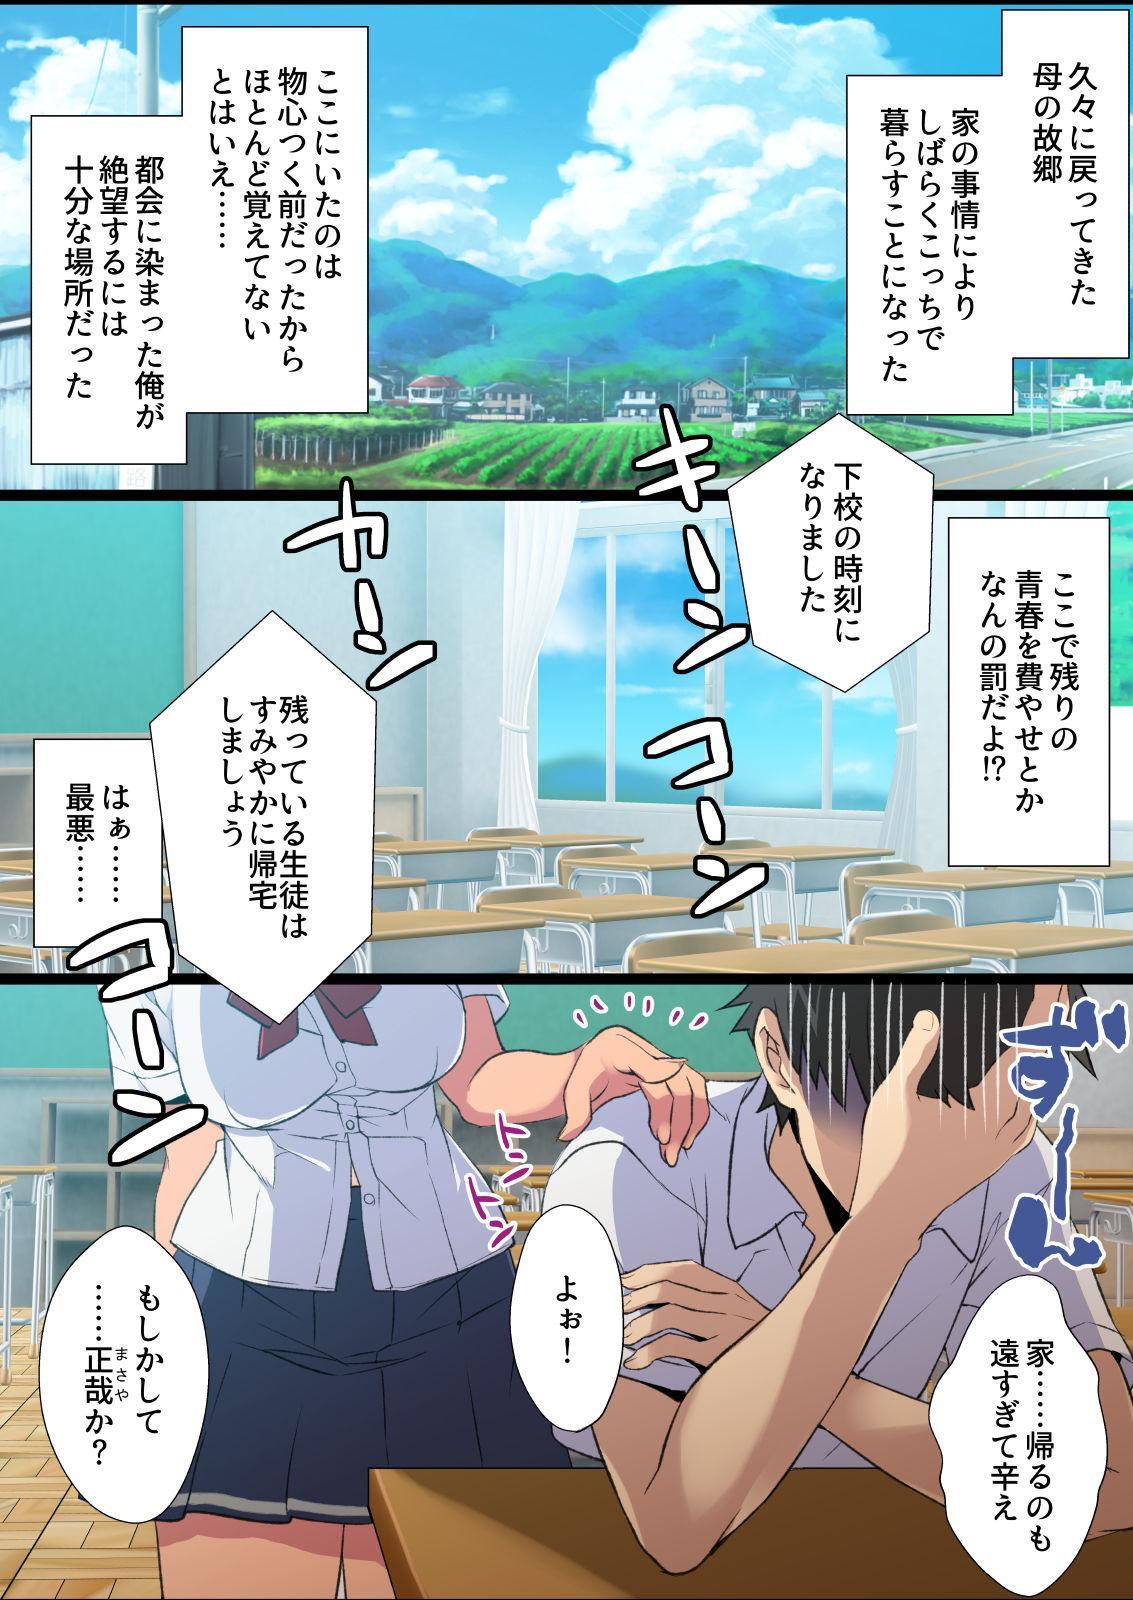 Inaka Osananajimi wa Hatsujouchuu! 1